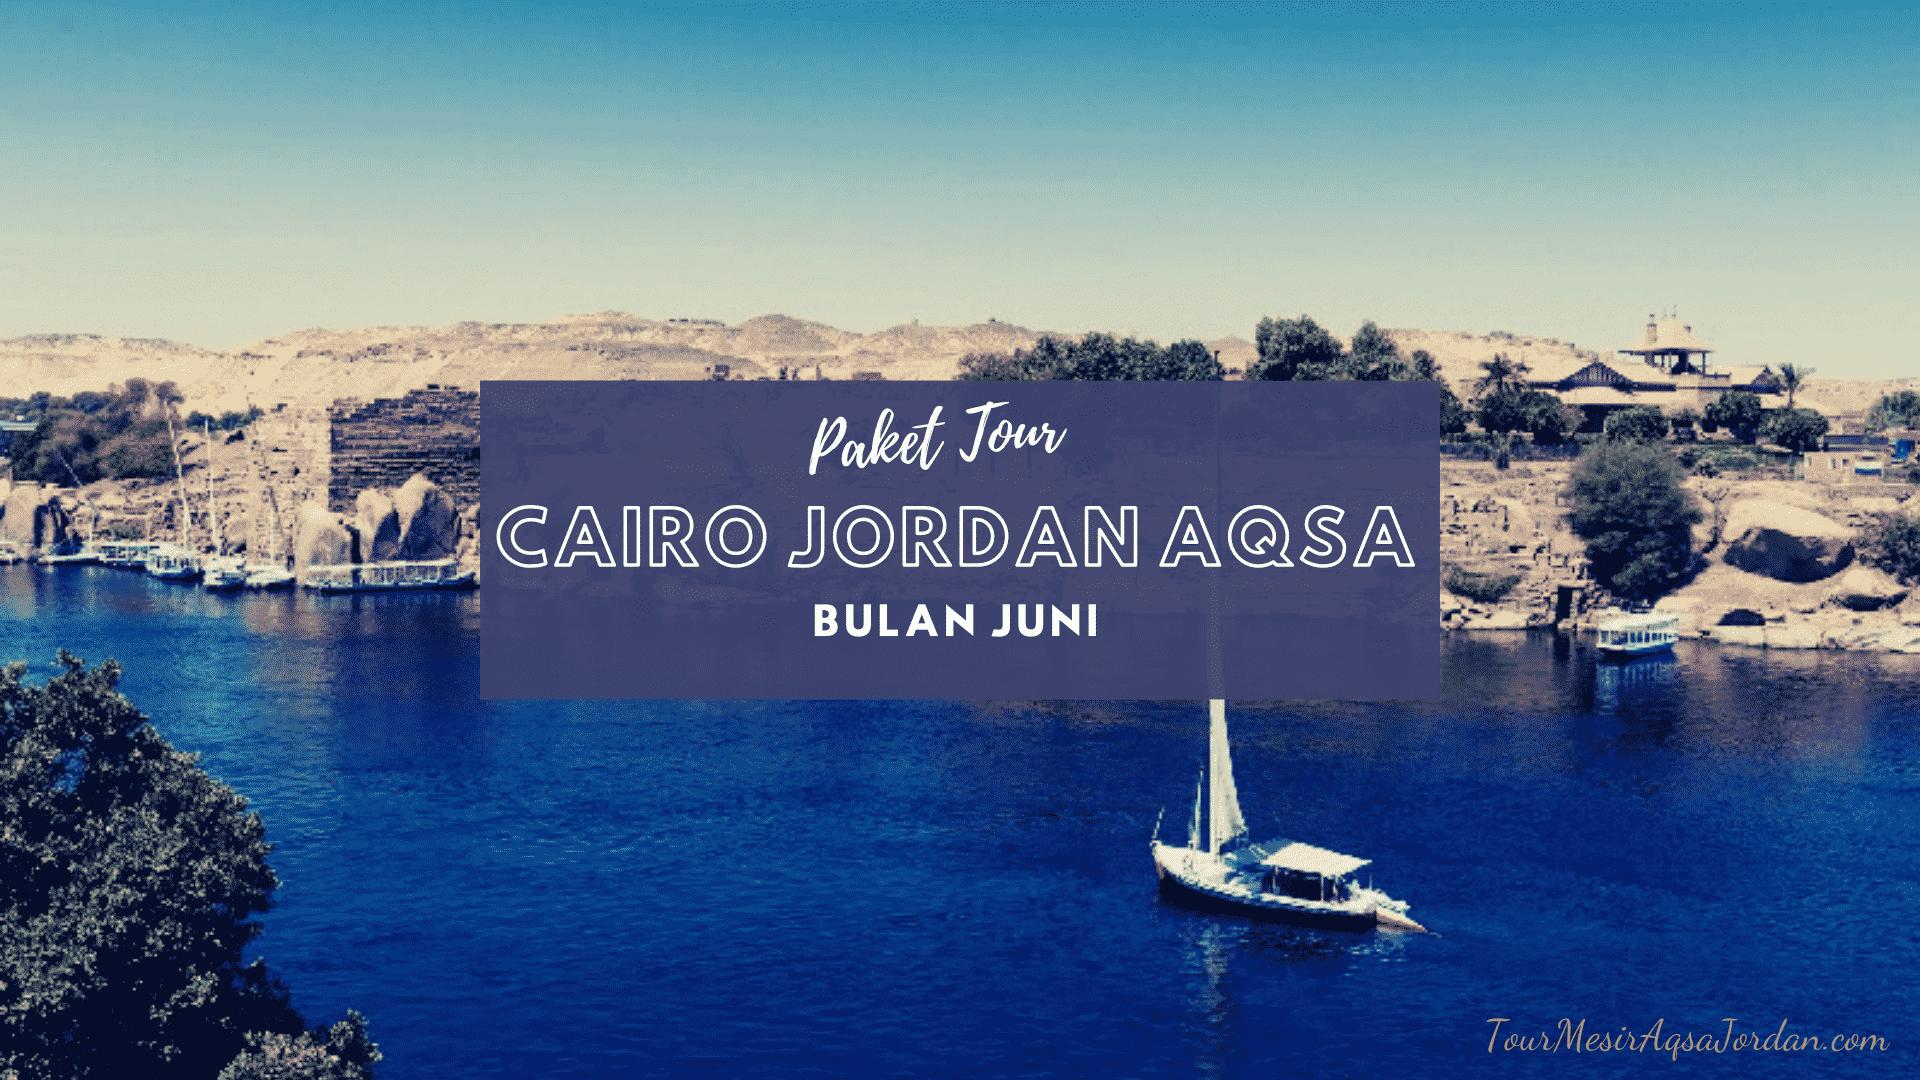 Paket Tour Cairo Jordan Aqsa Juni 2021